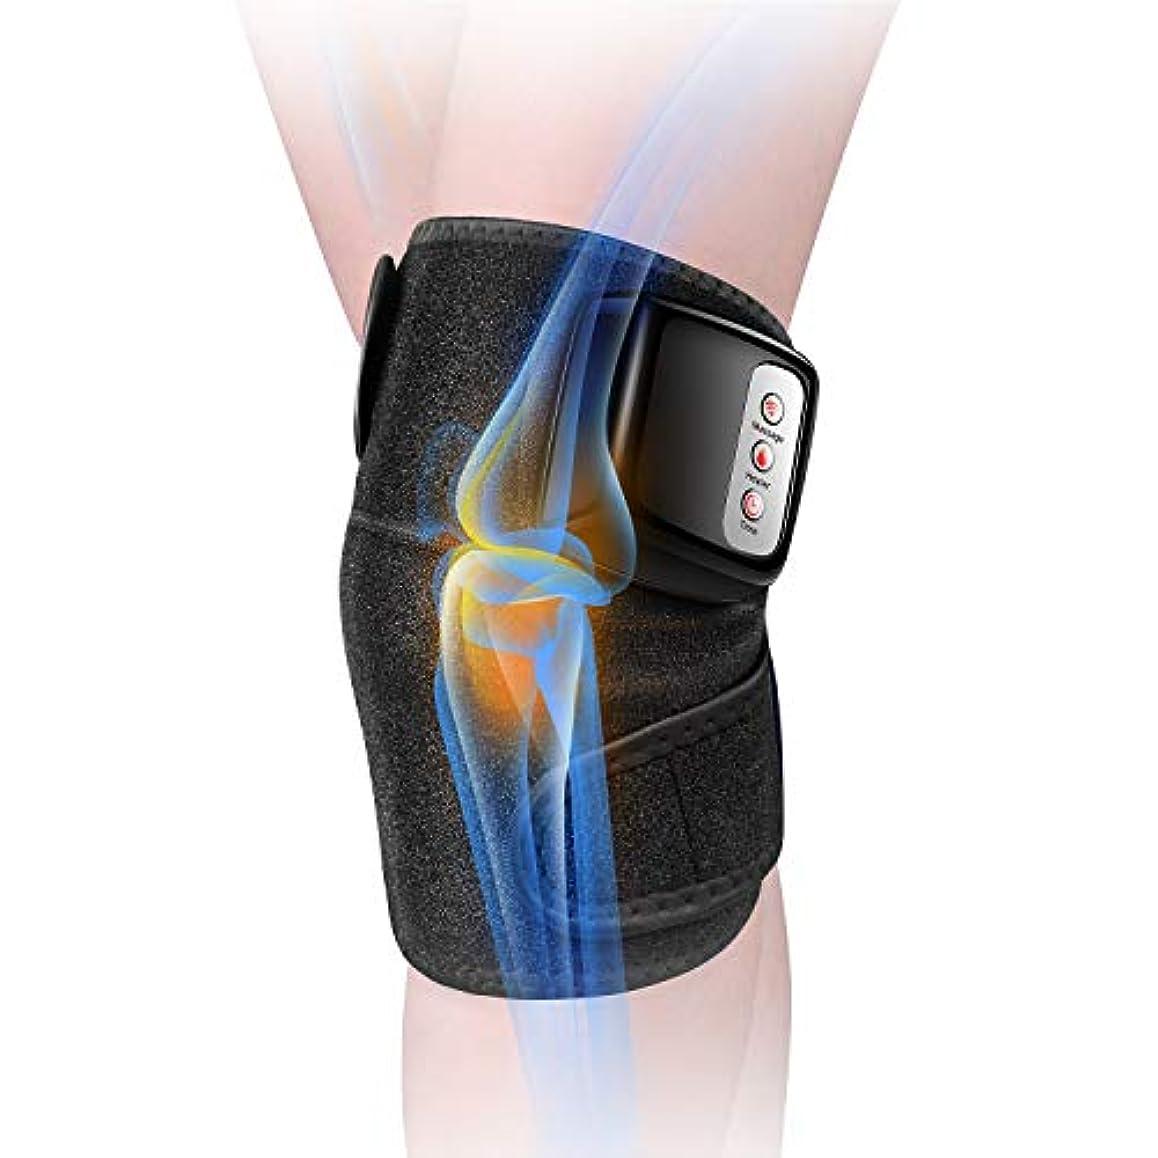 要塞家禽行う膝マッサージャー 関節マッサージャー マッサージ器 フットマッサージャー 振動 赤外線療法 温熱療法 膝サポーター ストレス解消 肩 太もも/腕対応